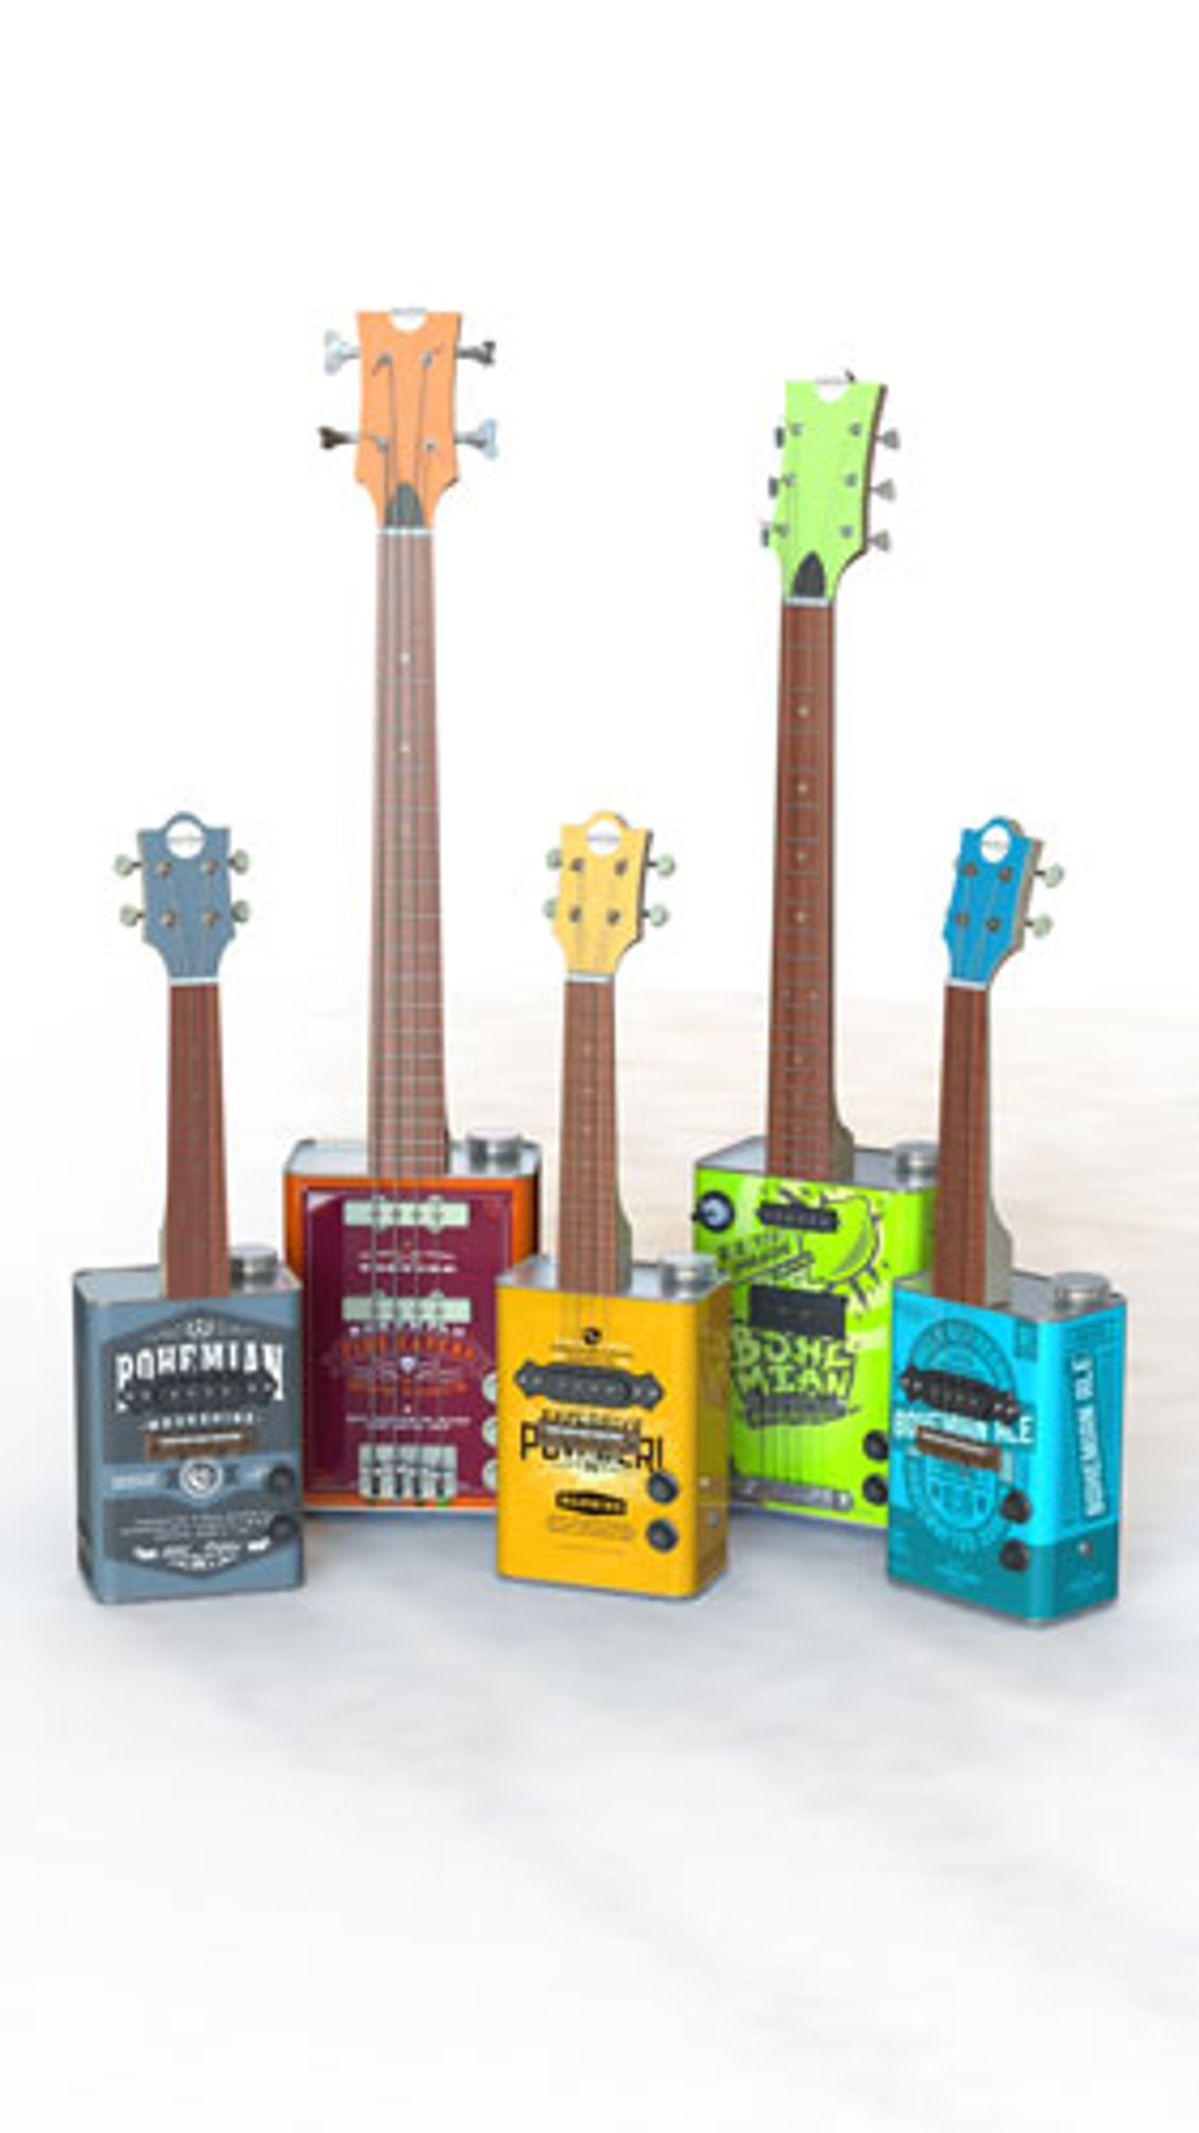 Bohemian Guitars Launches the Boho 2.0 Series